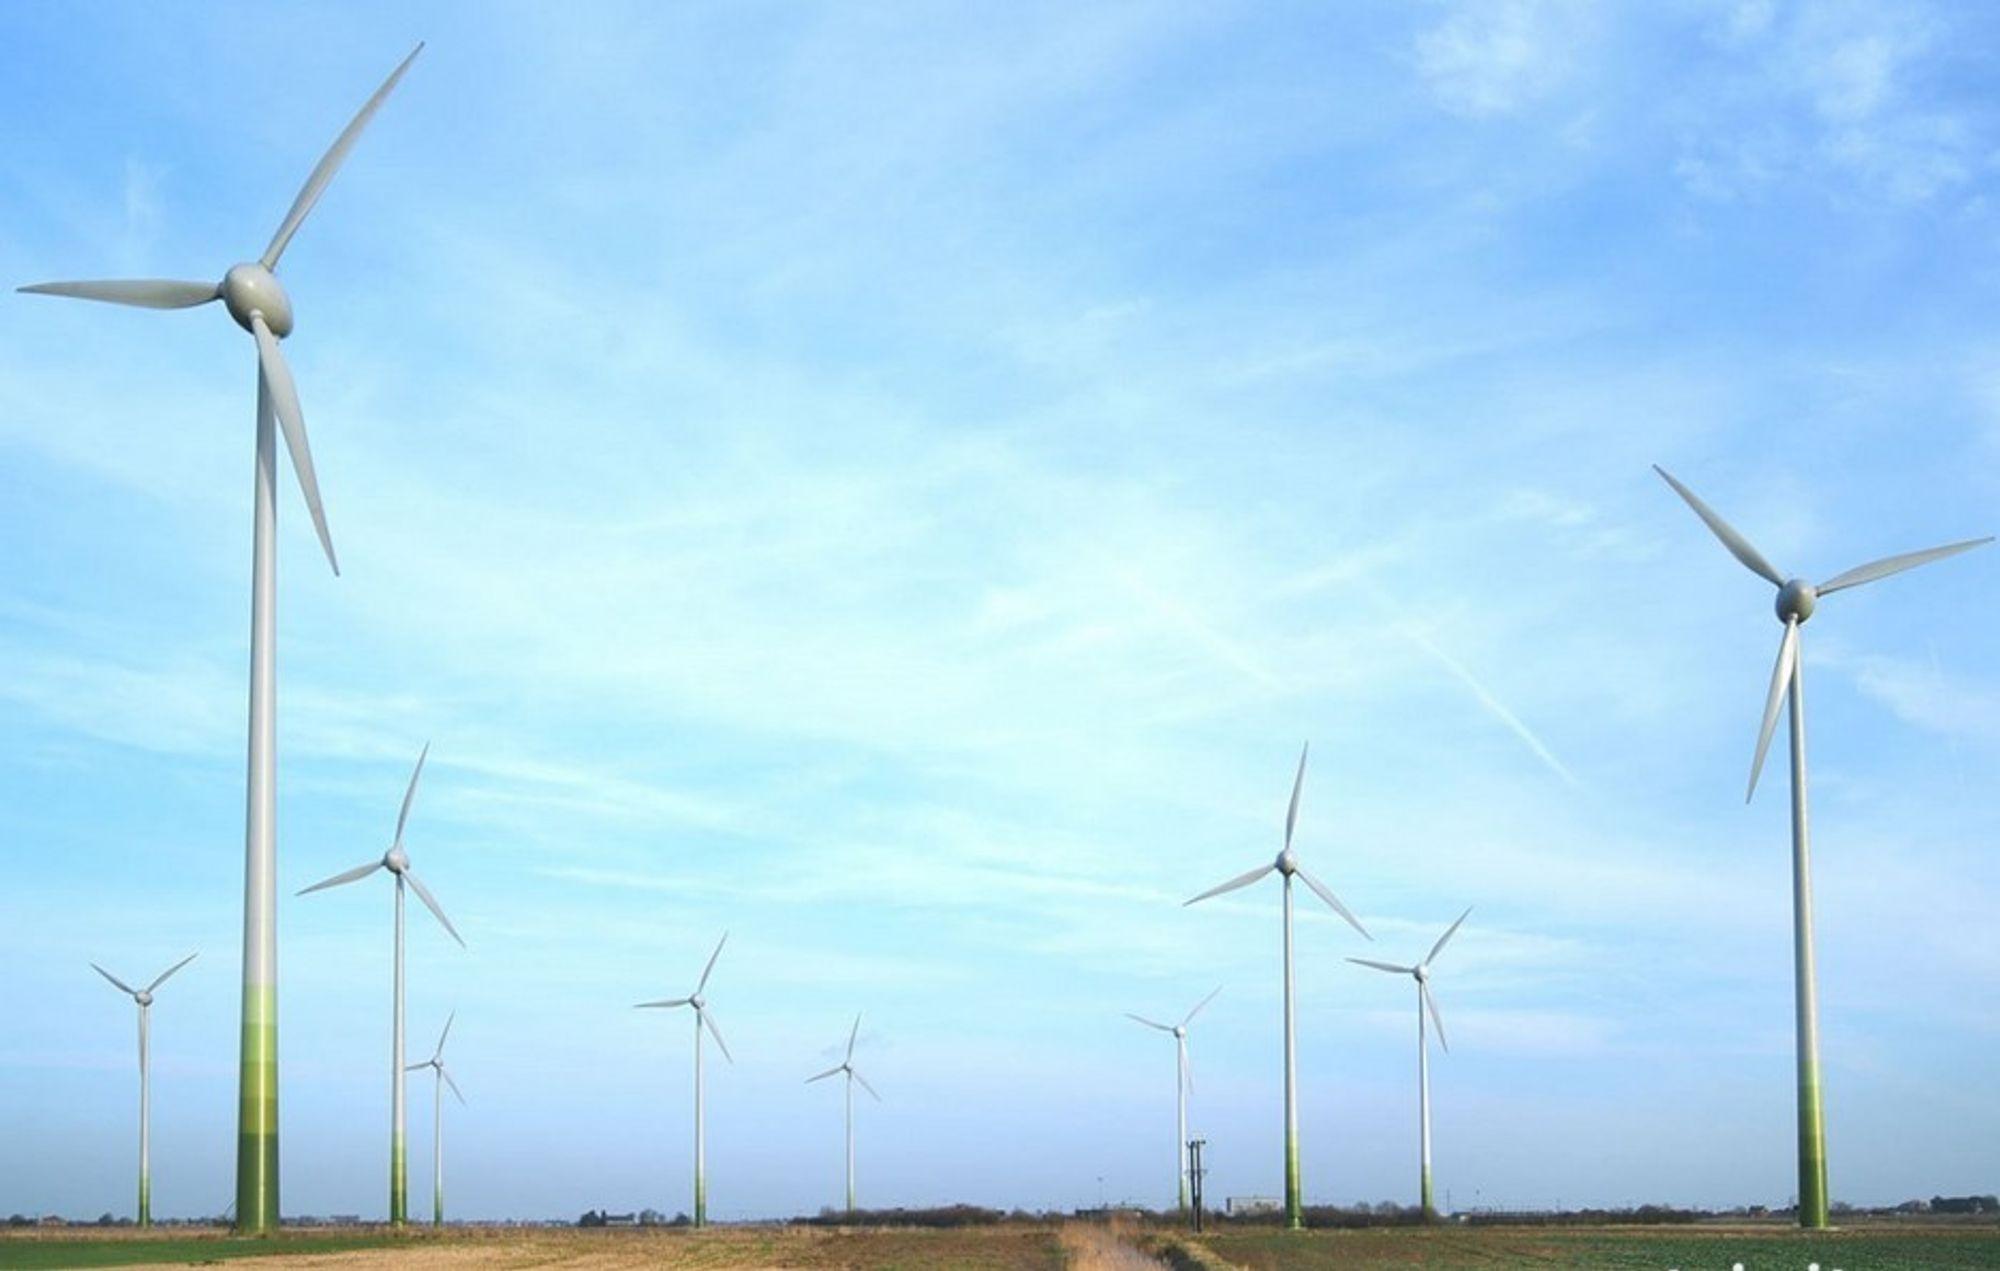 UFO? Spekulasjonene rundt årsaken til turbinhavariet søndag morgen, går livlig for seg i byene rundt vindparken Fen Farm.